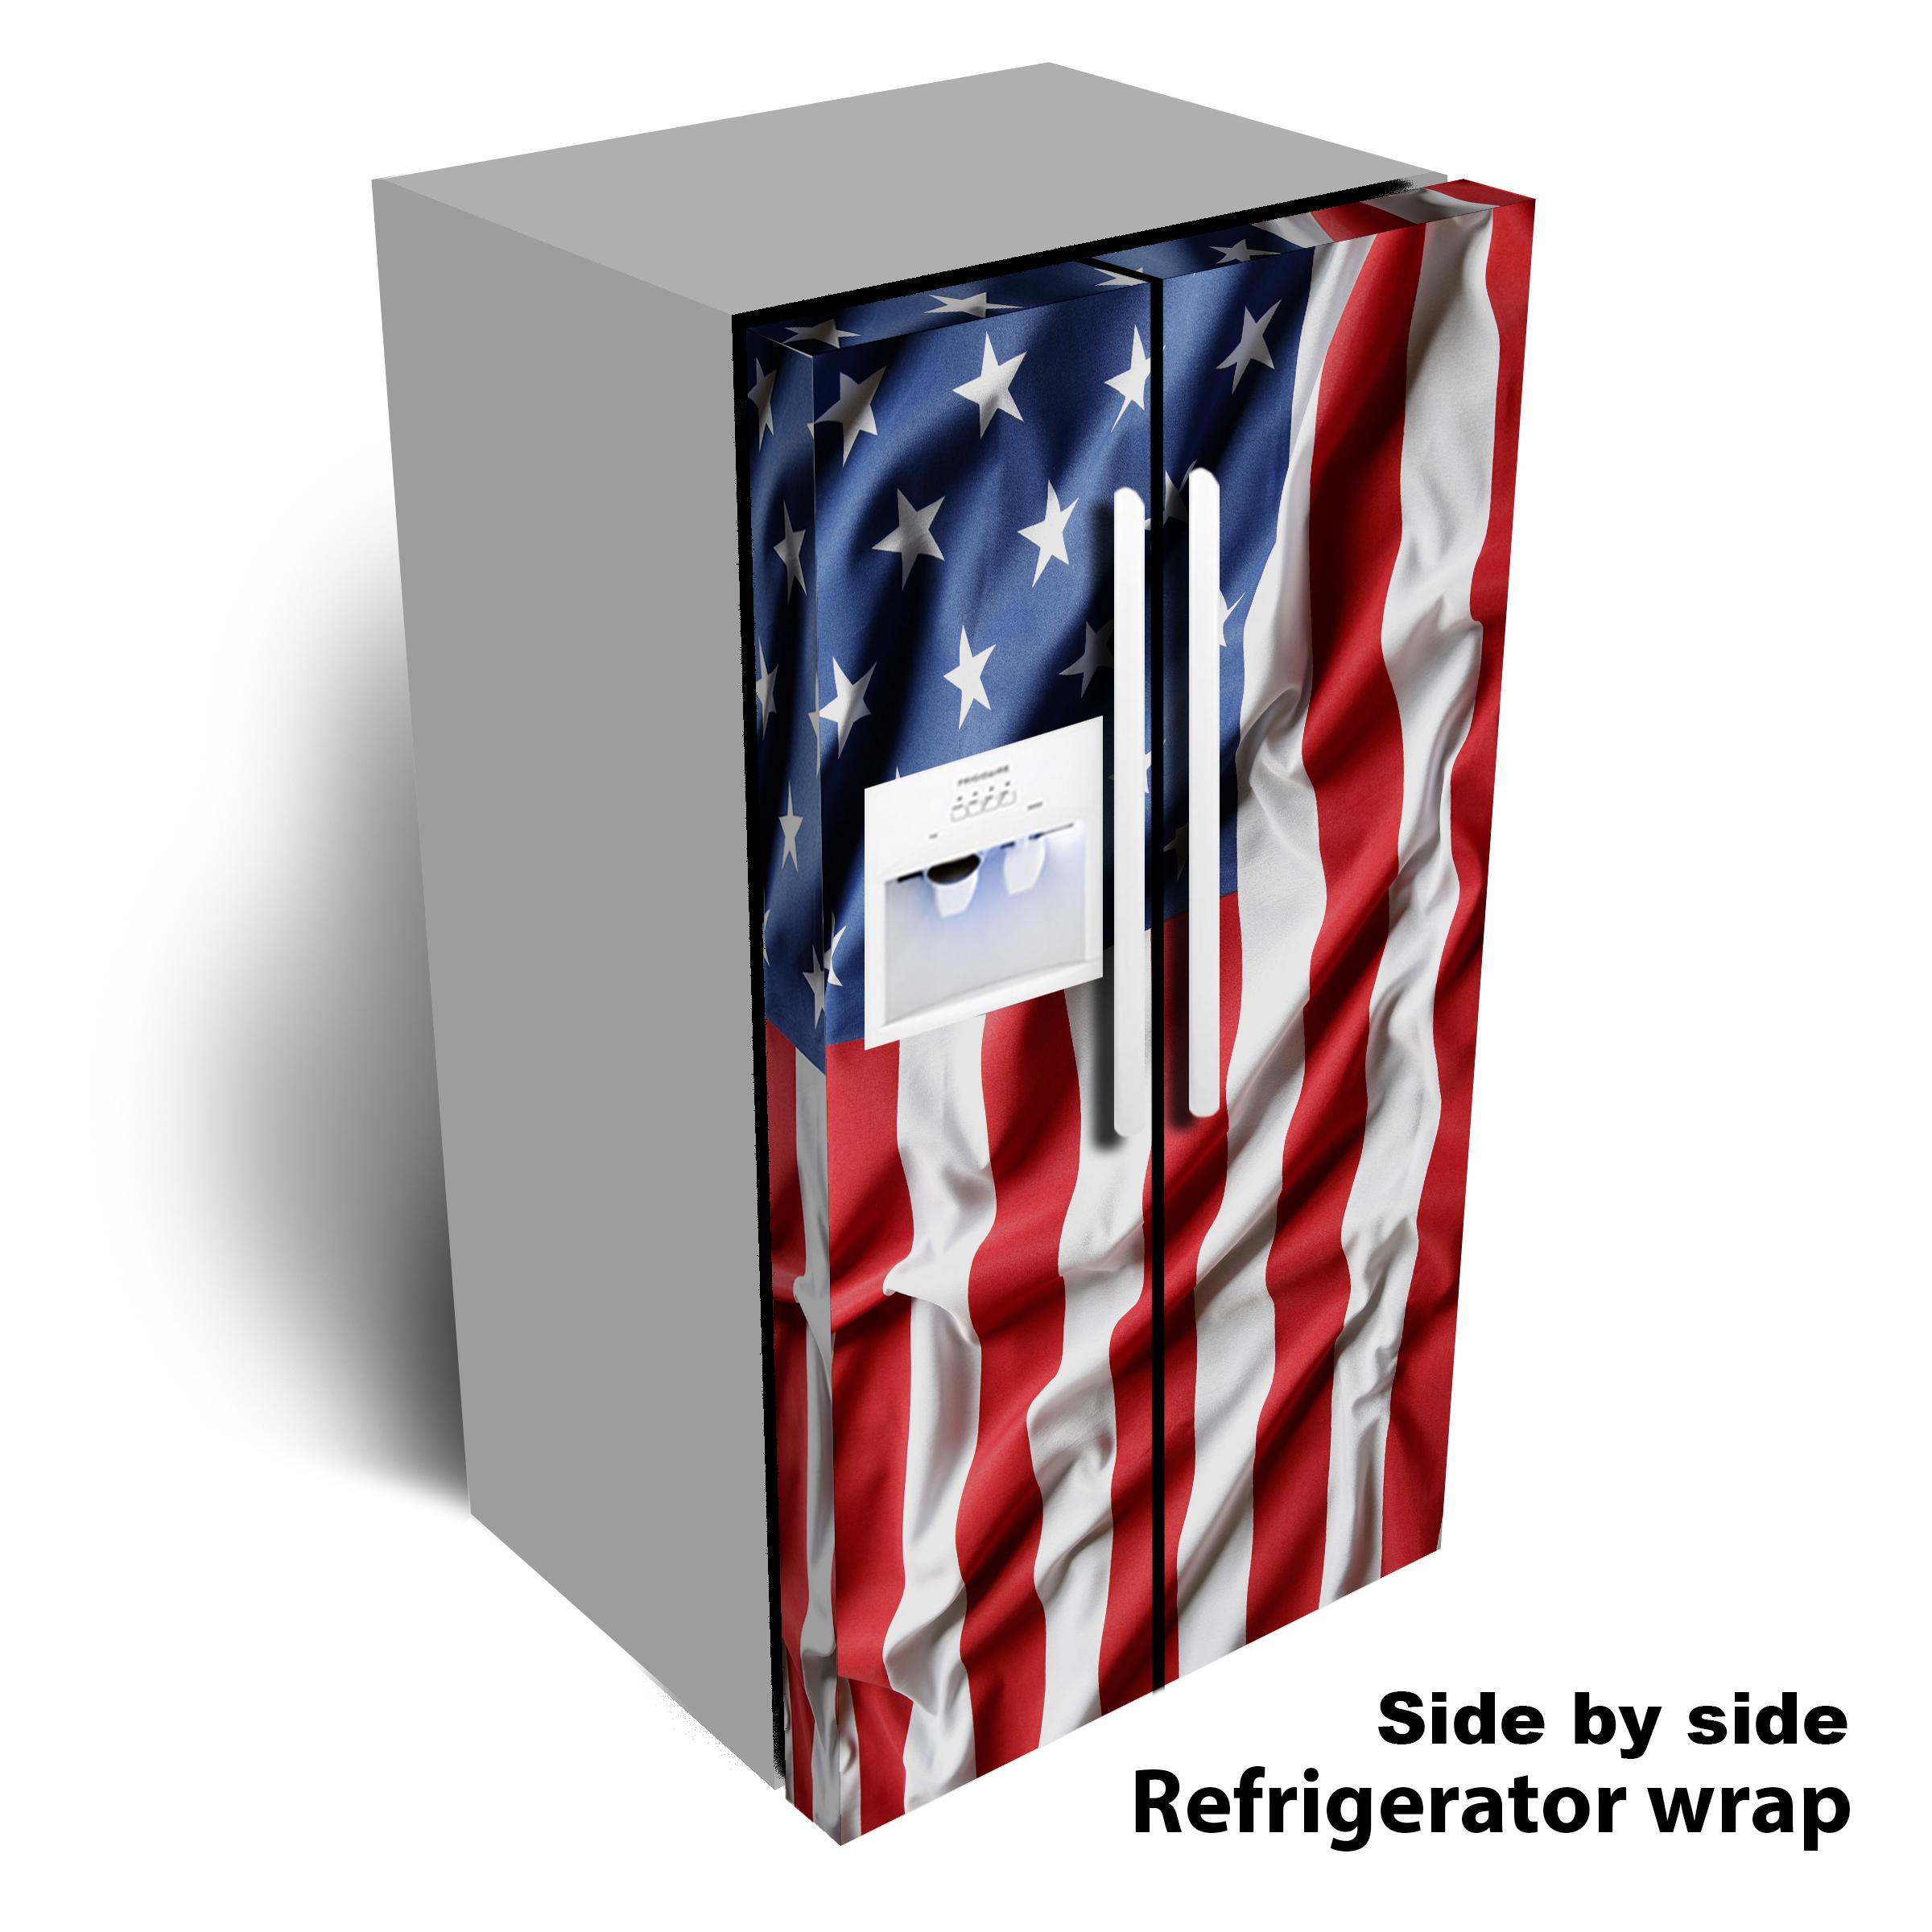 USA Flag Wavy refrigerator wrap